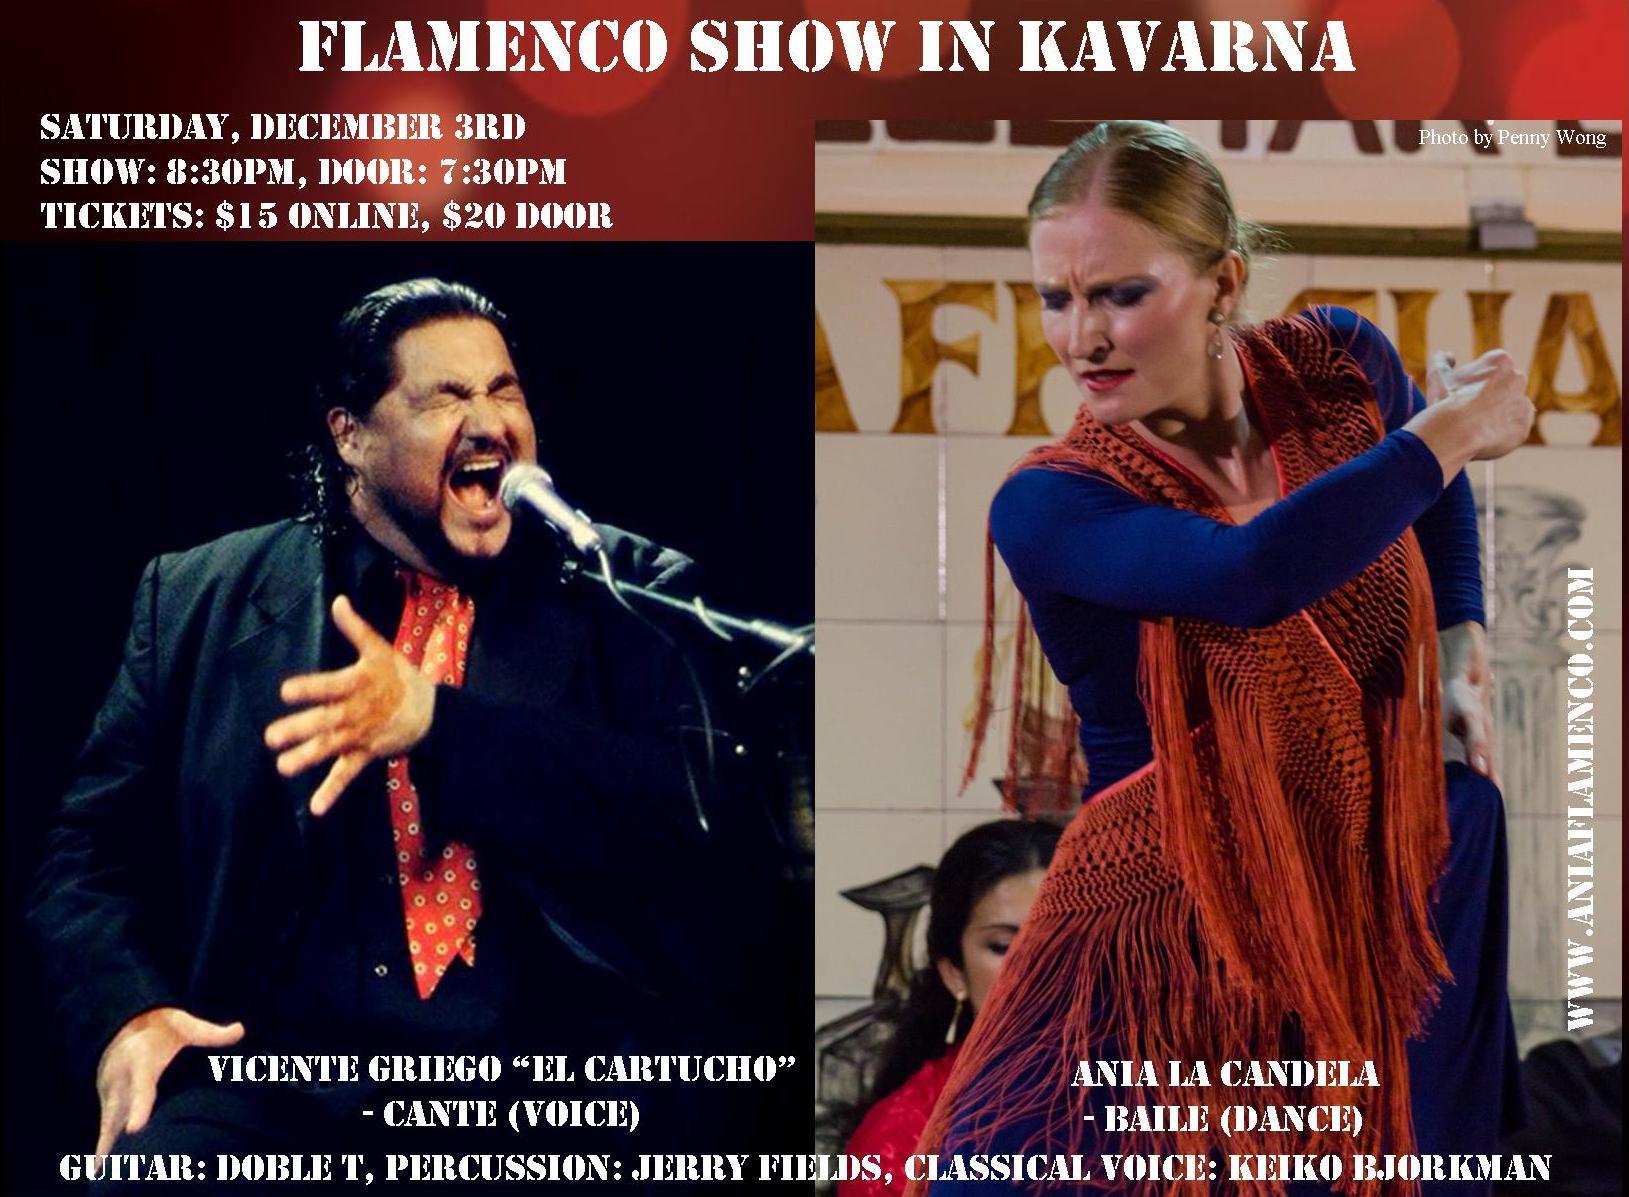 Flamenco in Kavarna on December 3rd